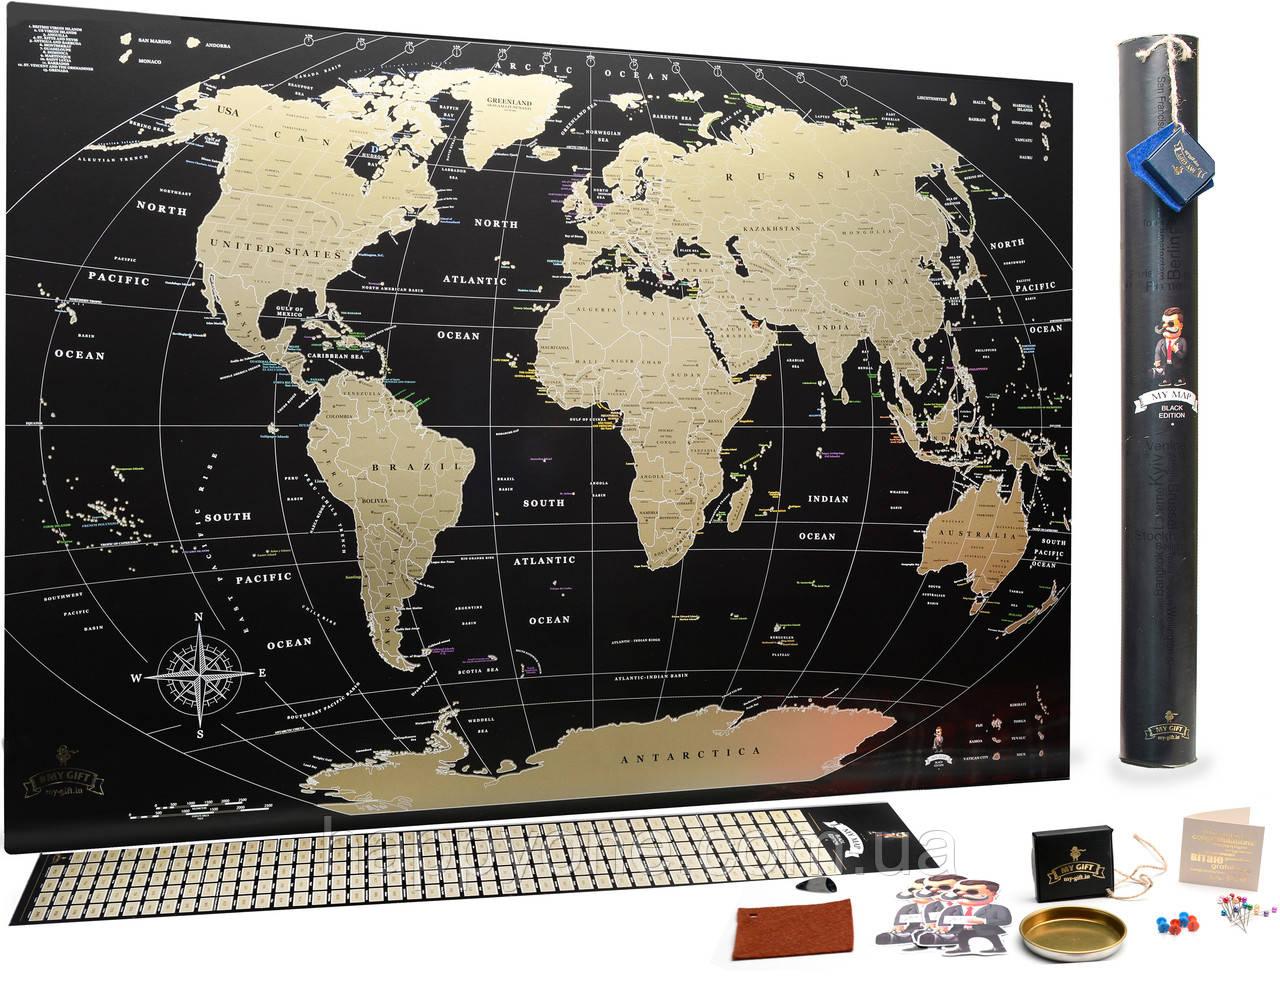 Стирающаяся скретч карта мира My Map Black edition Gold (английский язык) в тубусе